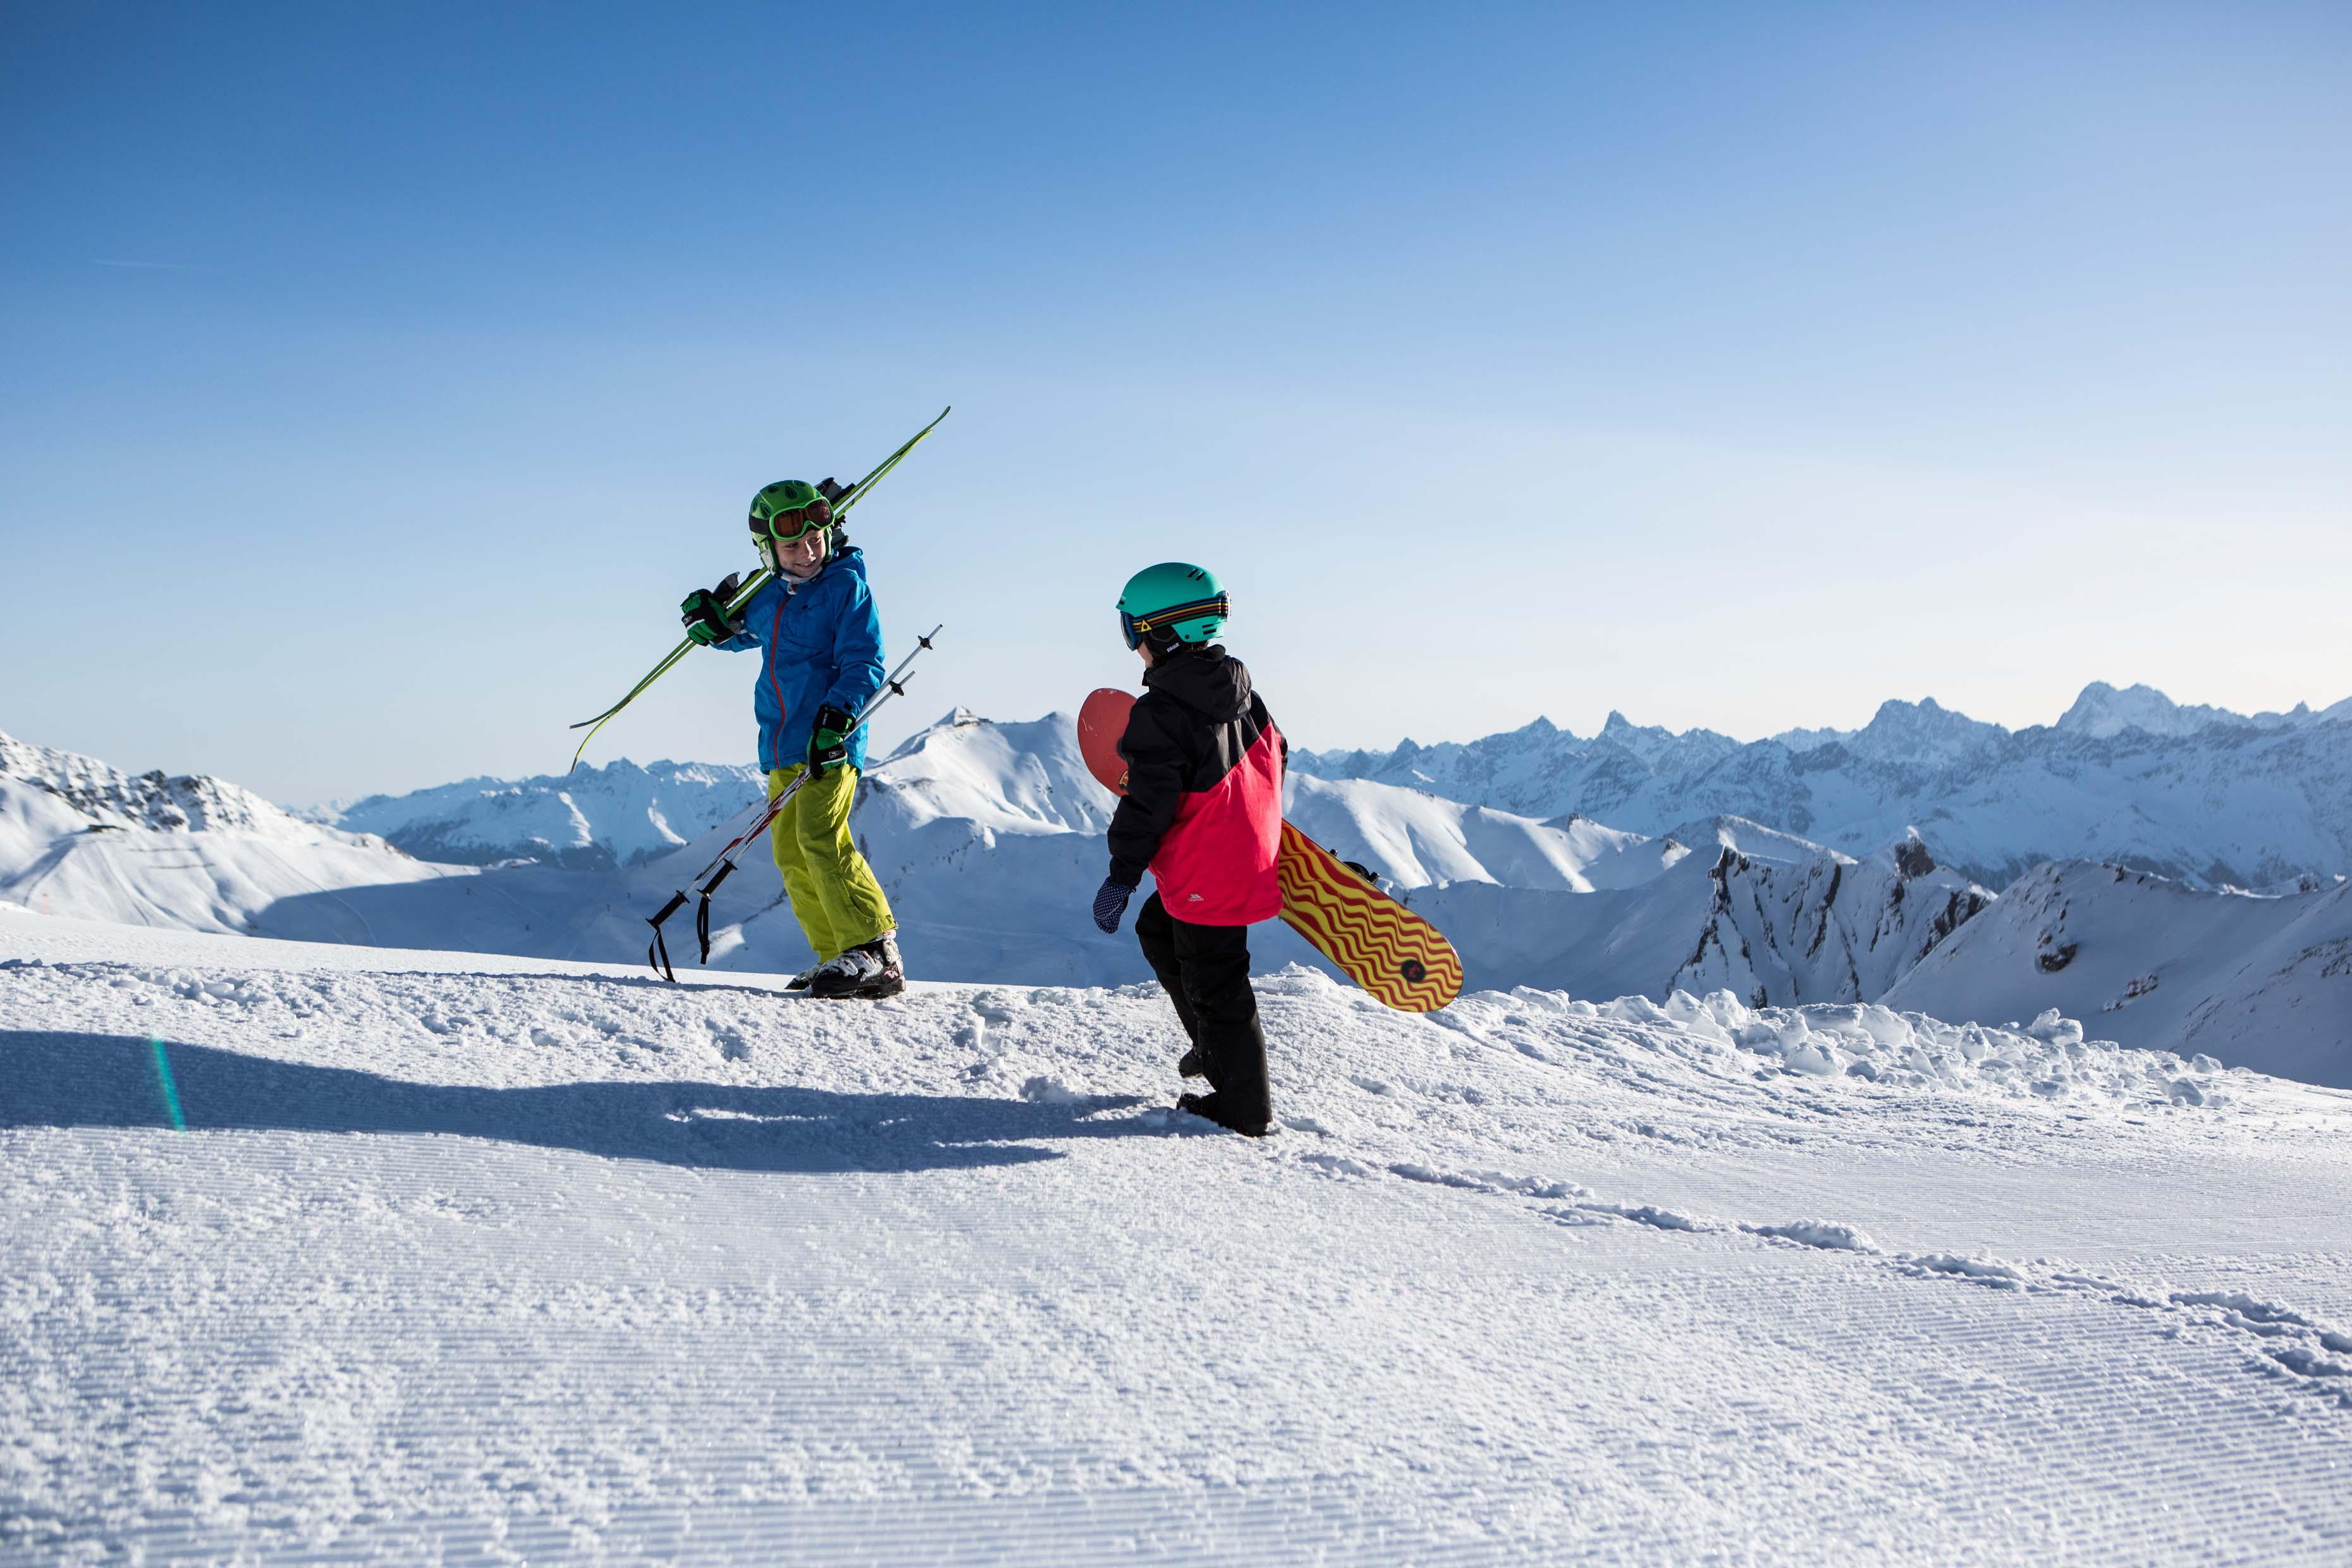 serfaus-fiss-ladis---kinder-mit-ski-und-snowboard--c--danielzangerl.com